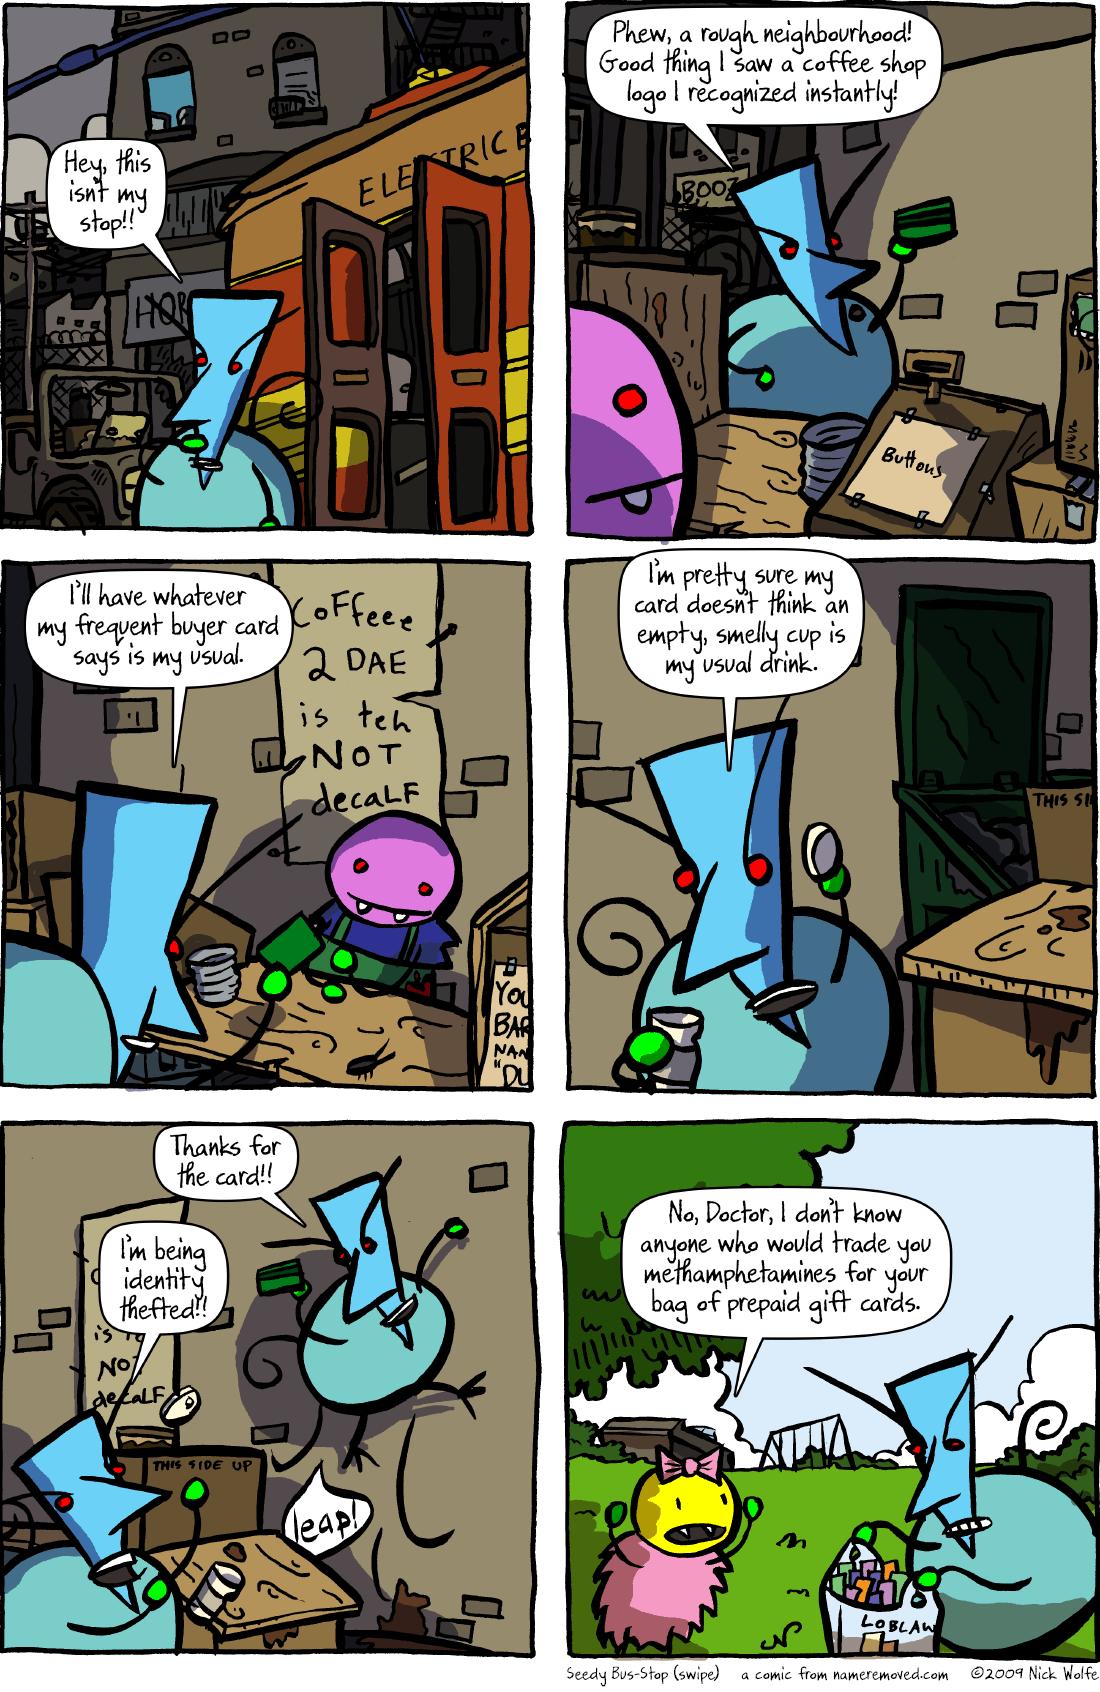 Seedy Bus-Stop (swipe)